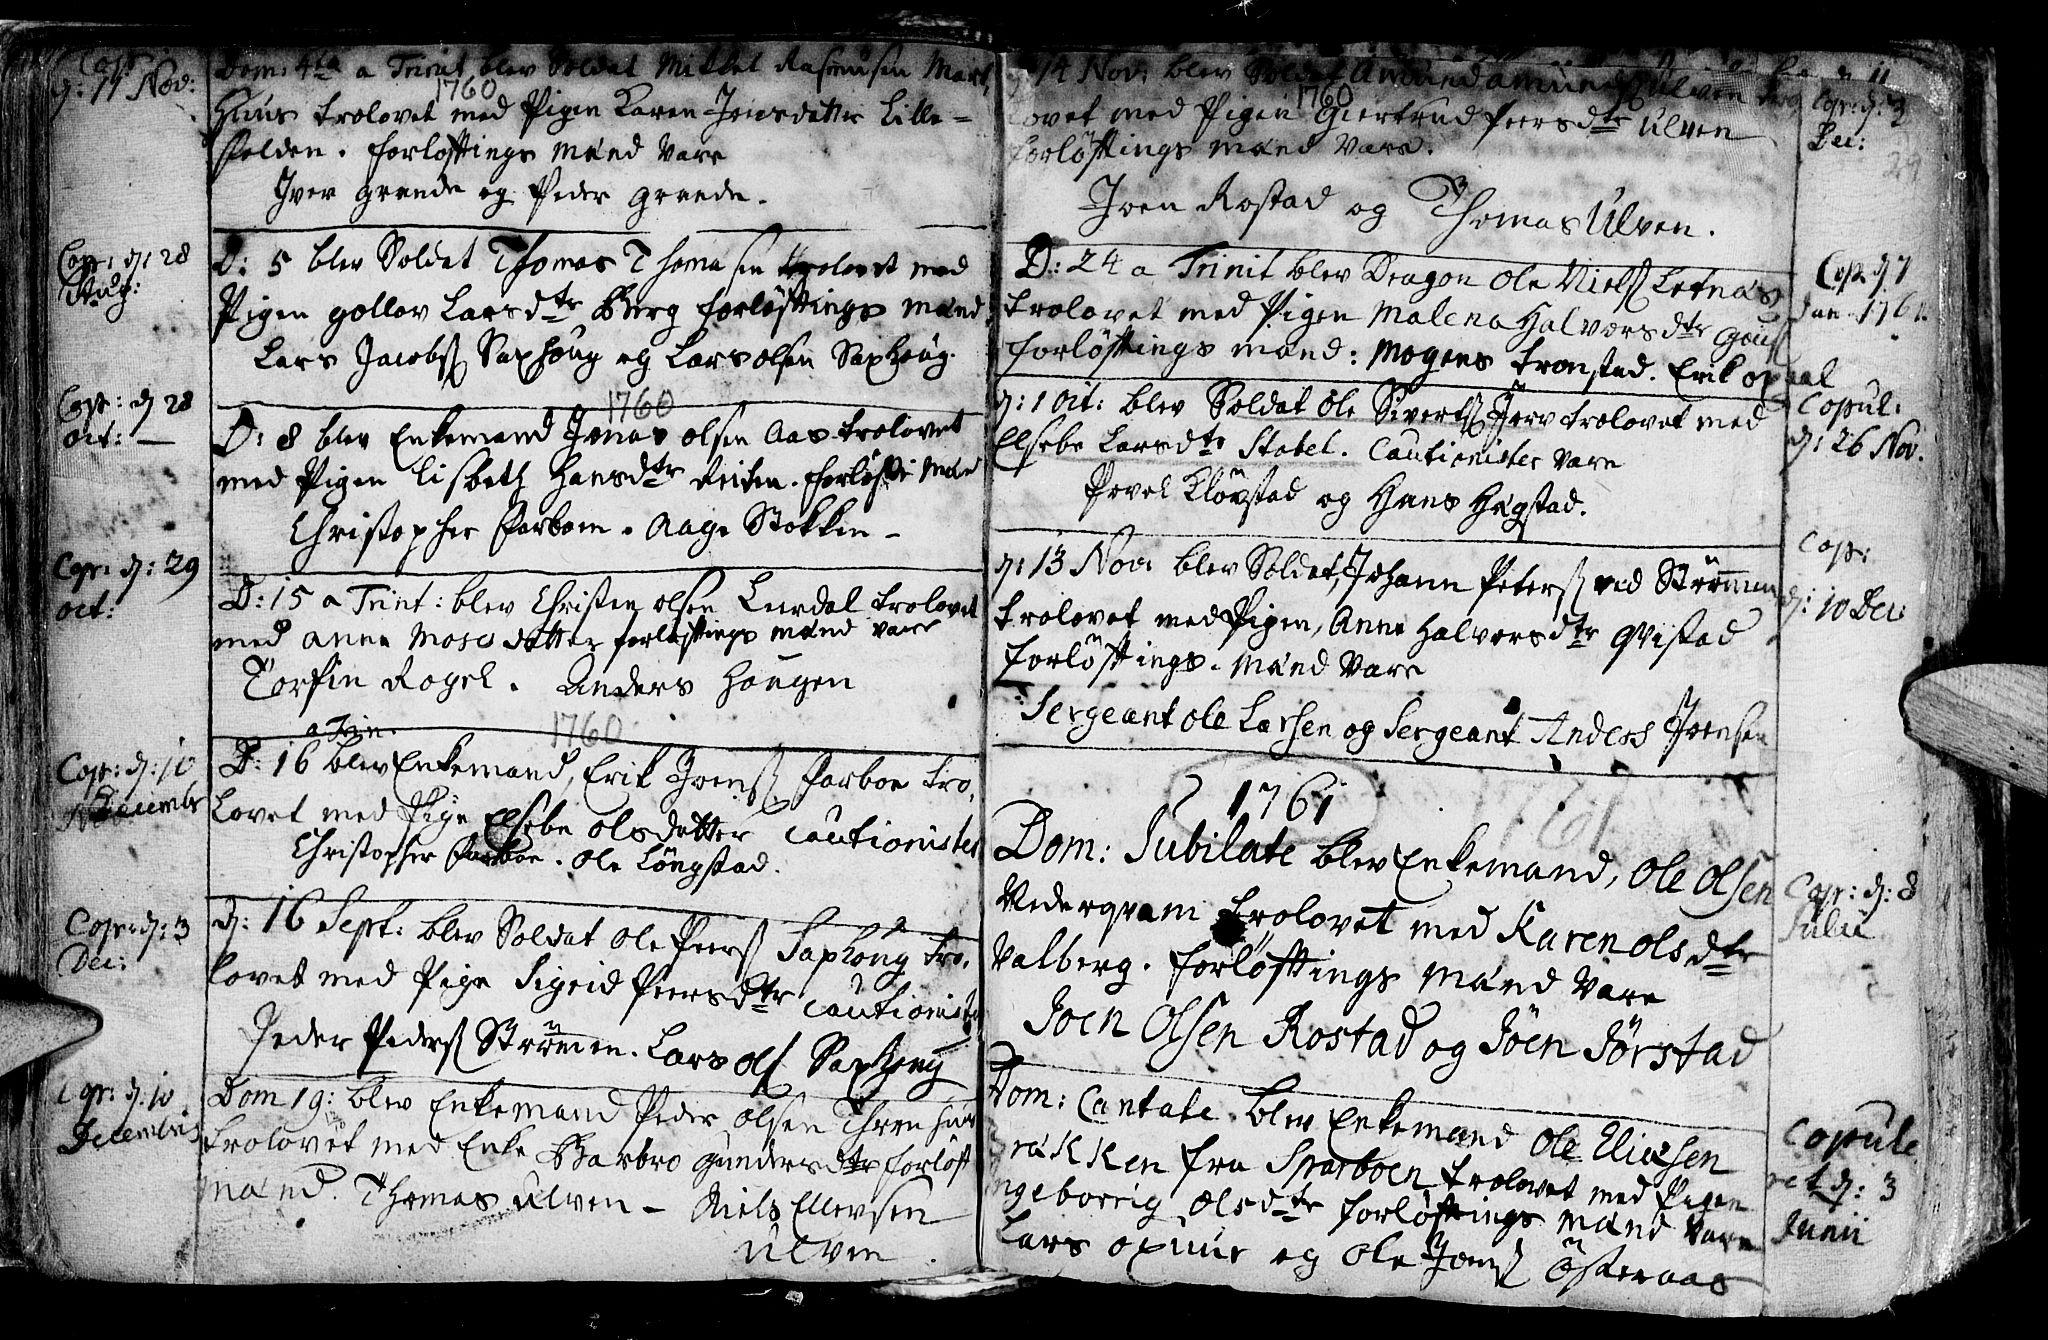 SAT, Ministerialprotokoller, klokkerbøker og fødselsregistre - Nord-Trøndelag, 730/L0272: Ministerialbok nr. 730A01, 1733-1764, s. 29